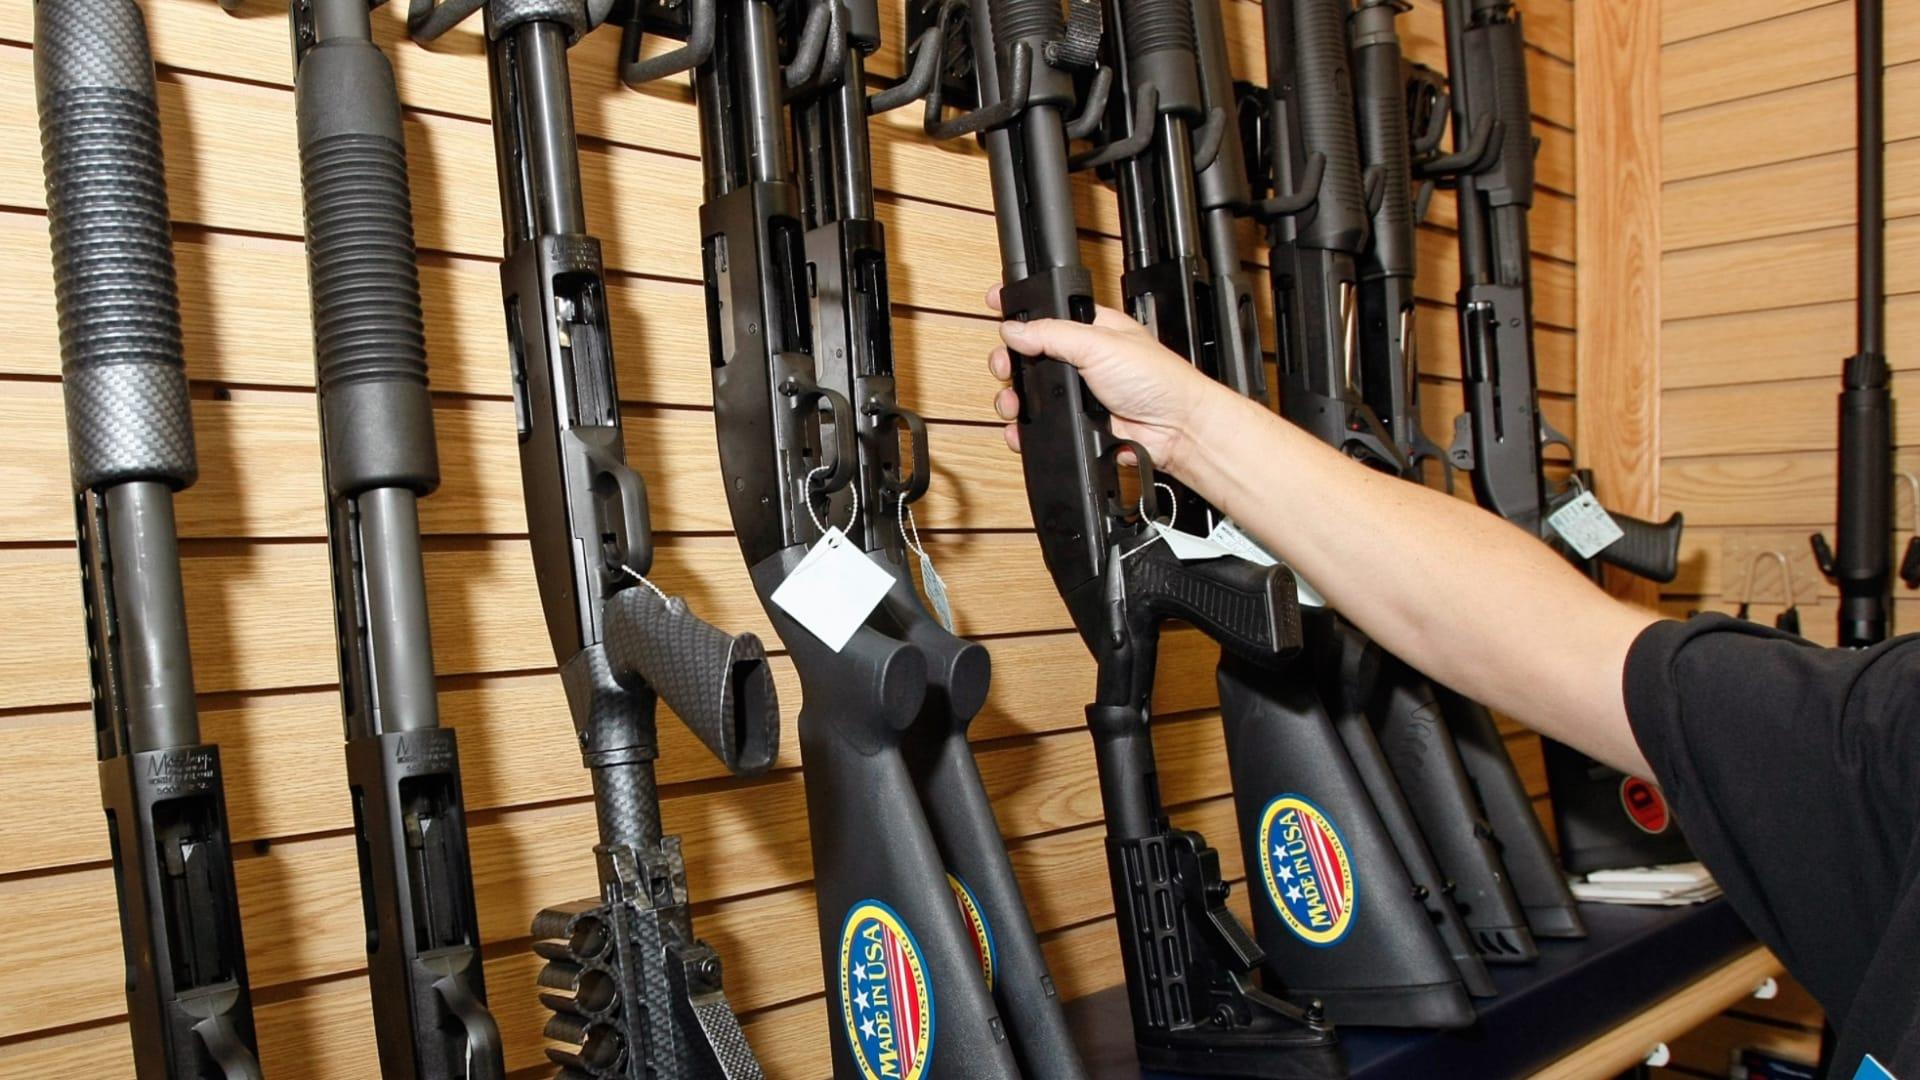 أرقام قياسية لمبيعات الأسلحة بأمريكا عام 2020.. ما السبب؟